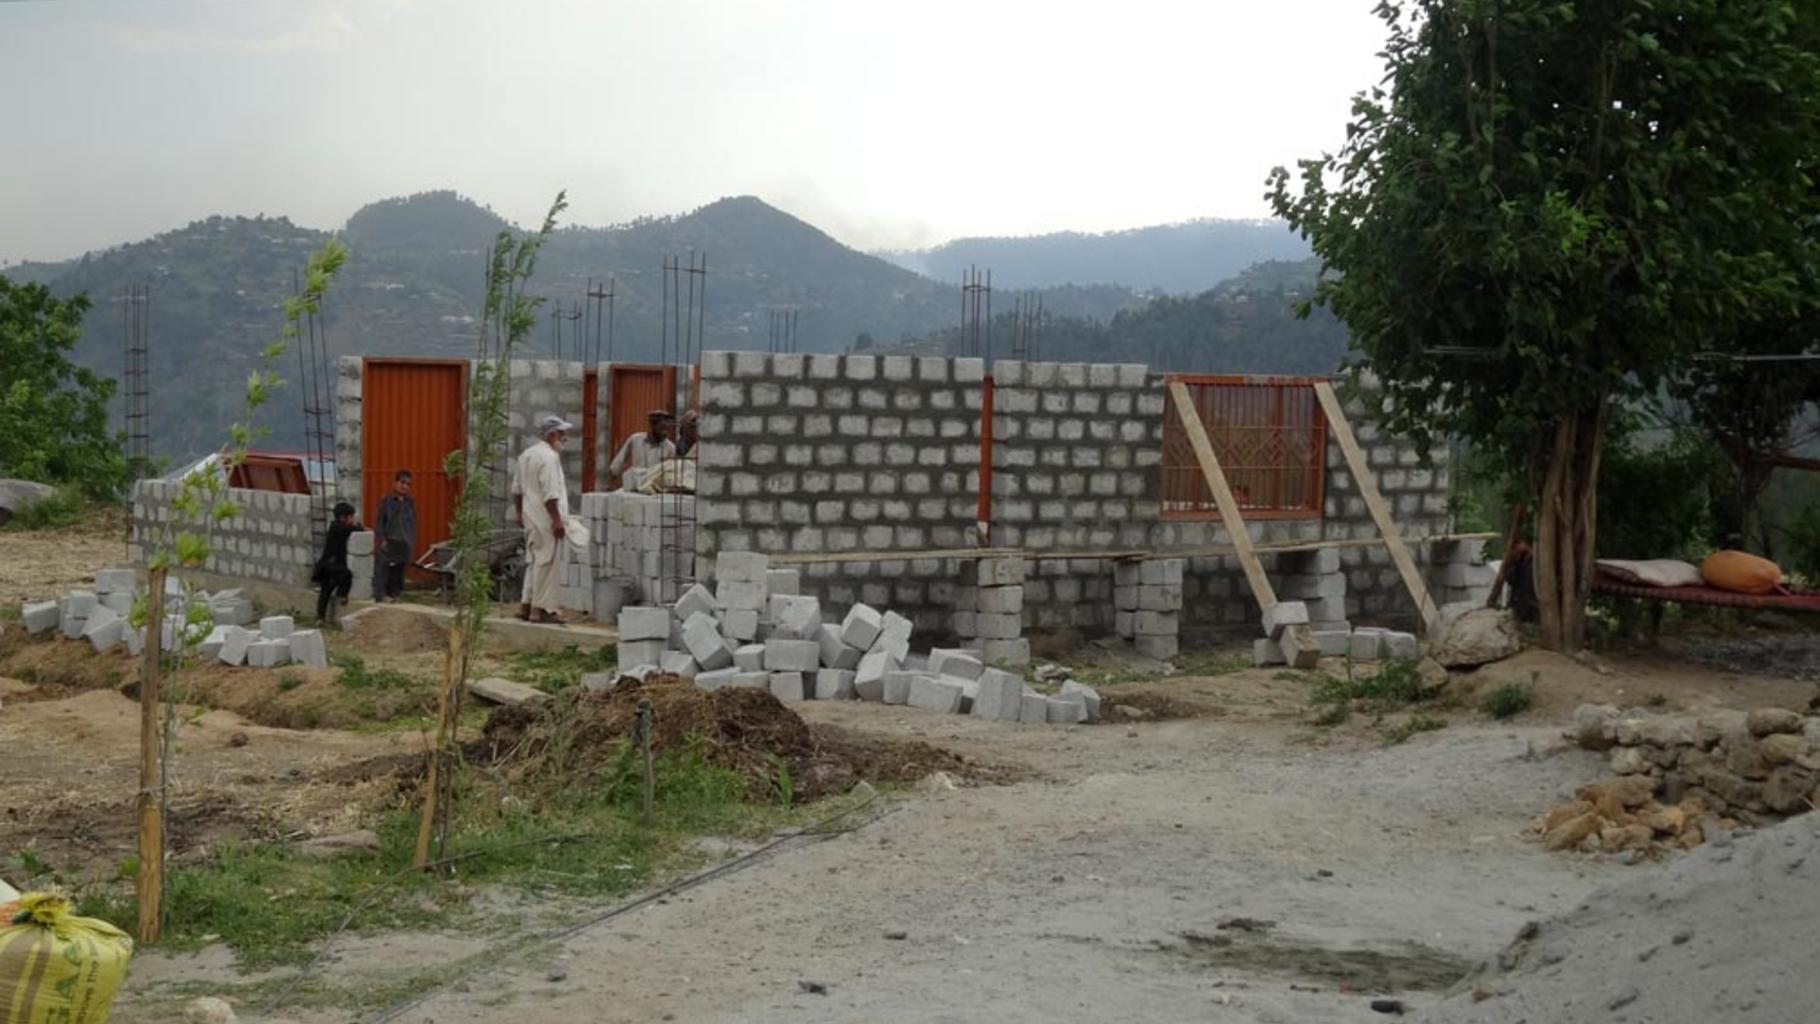 Bauarbeiten bei den Dorfgemeinschaftshäusern gehen gut voran.